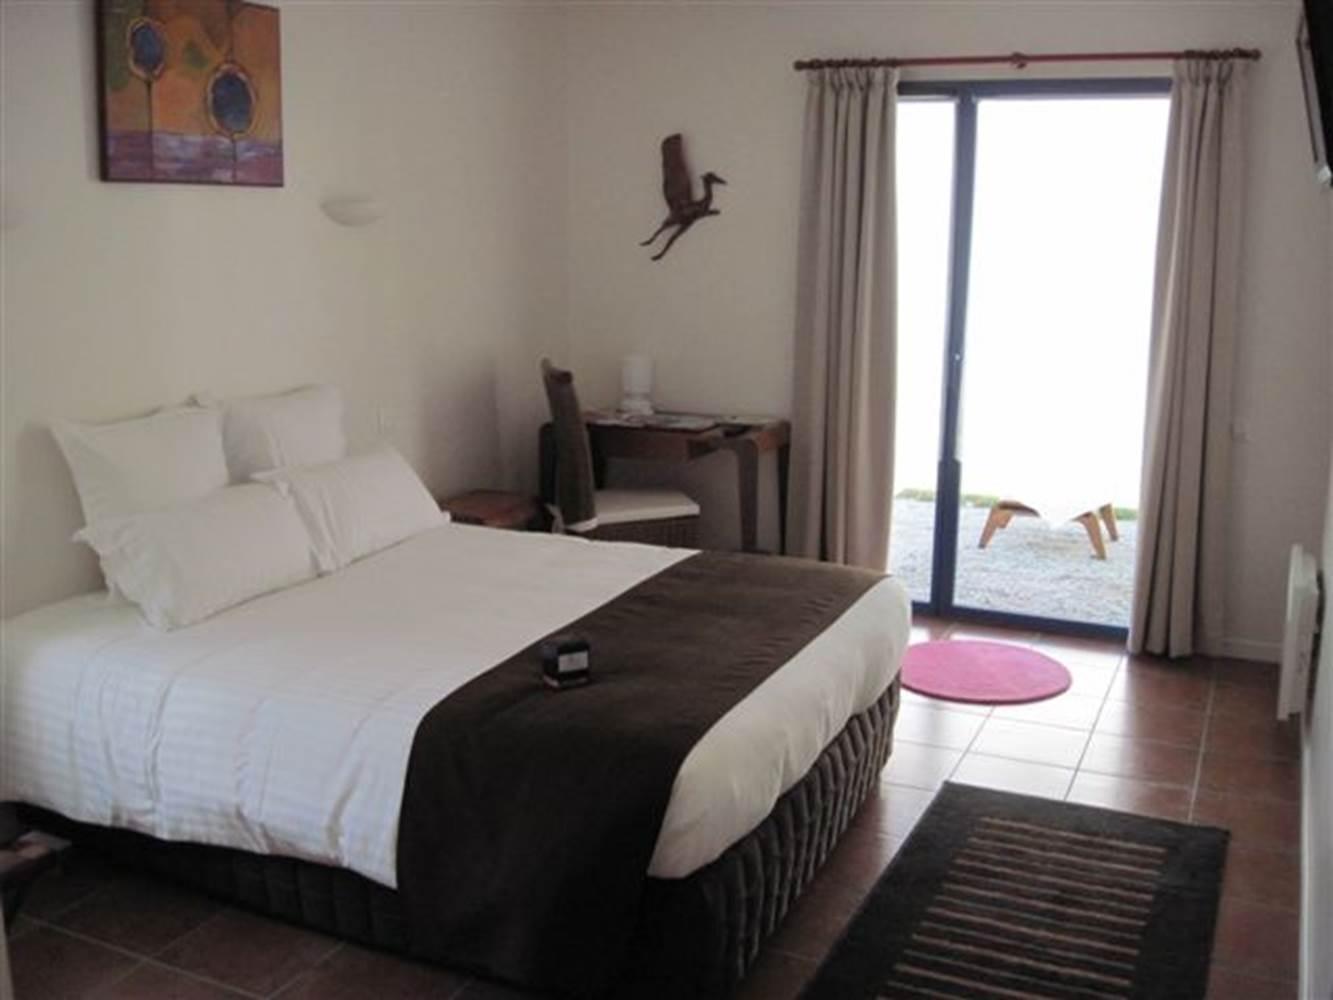 Chambre-Hôtel-Chevalier-Gambette-Saint-Armel-Presqu'île-de-Rhuys-Golfe-du-Morbihan-Bretagne sud © OT Golfe du Morbihan Vannes Tourisme